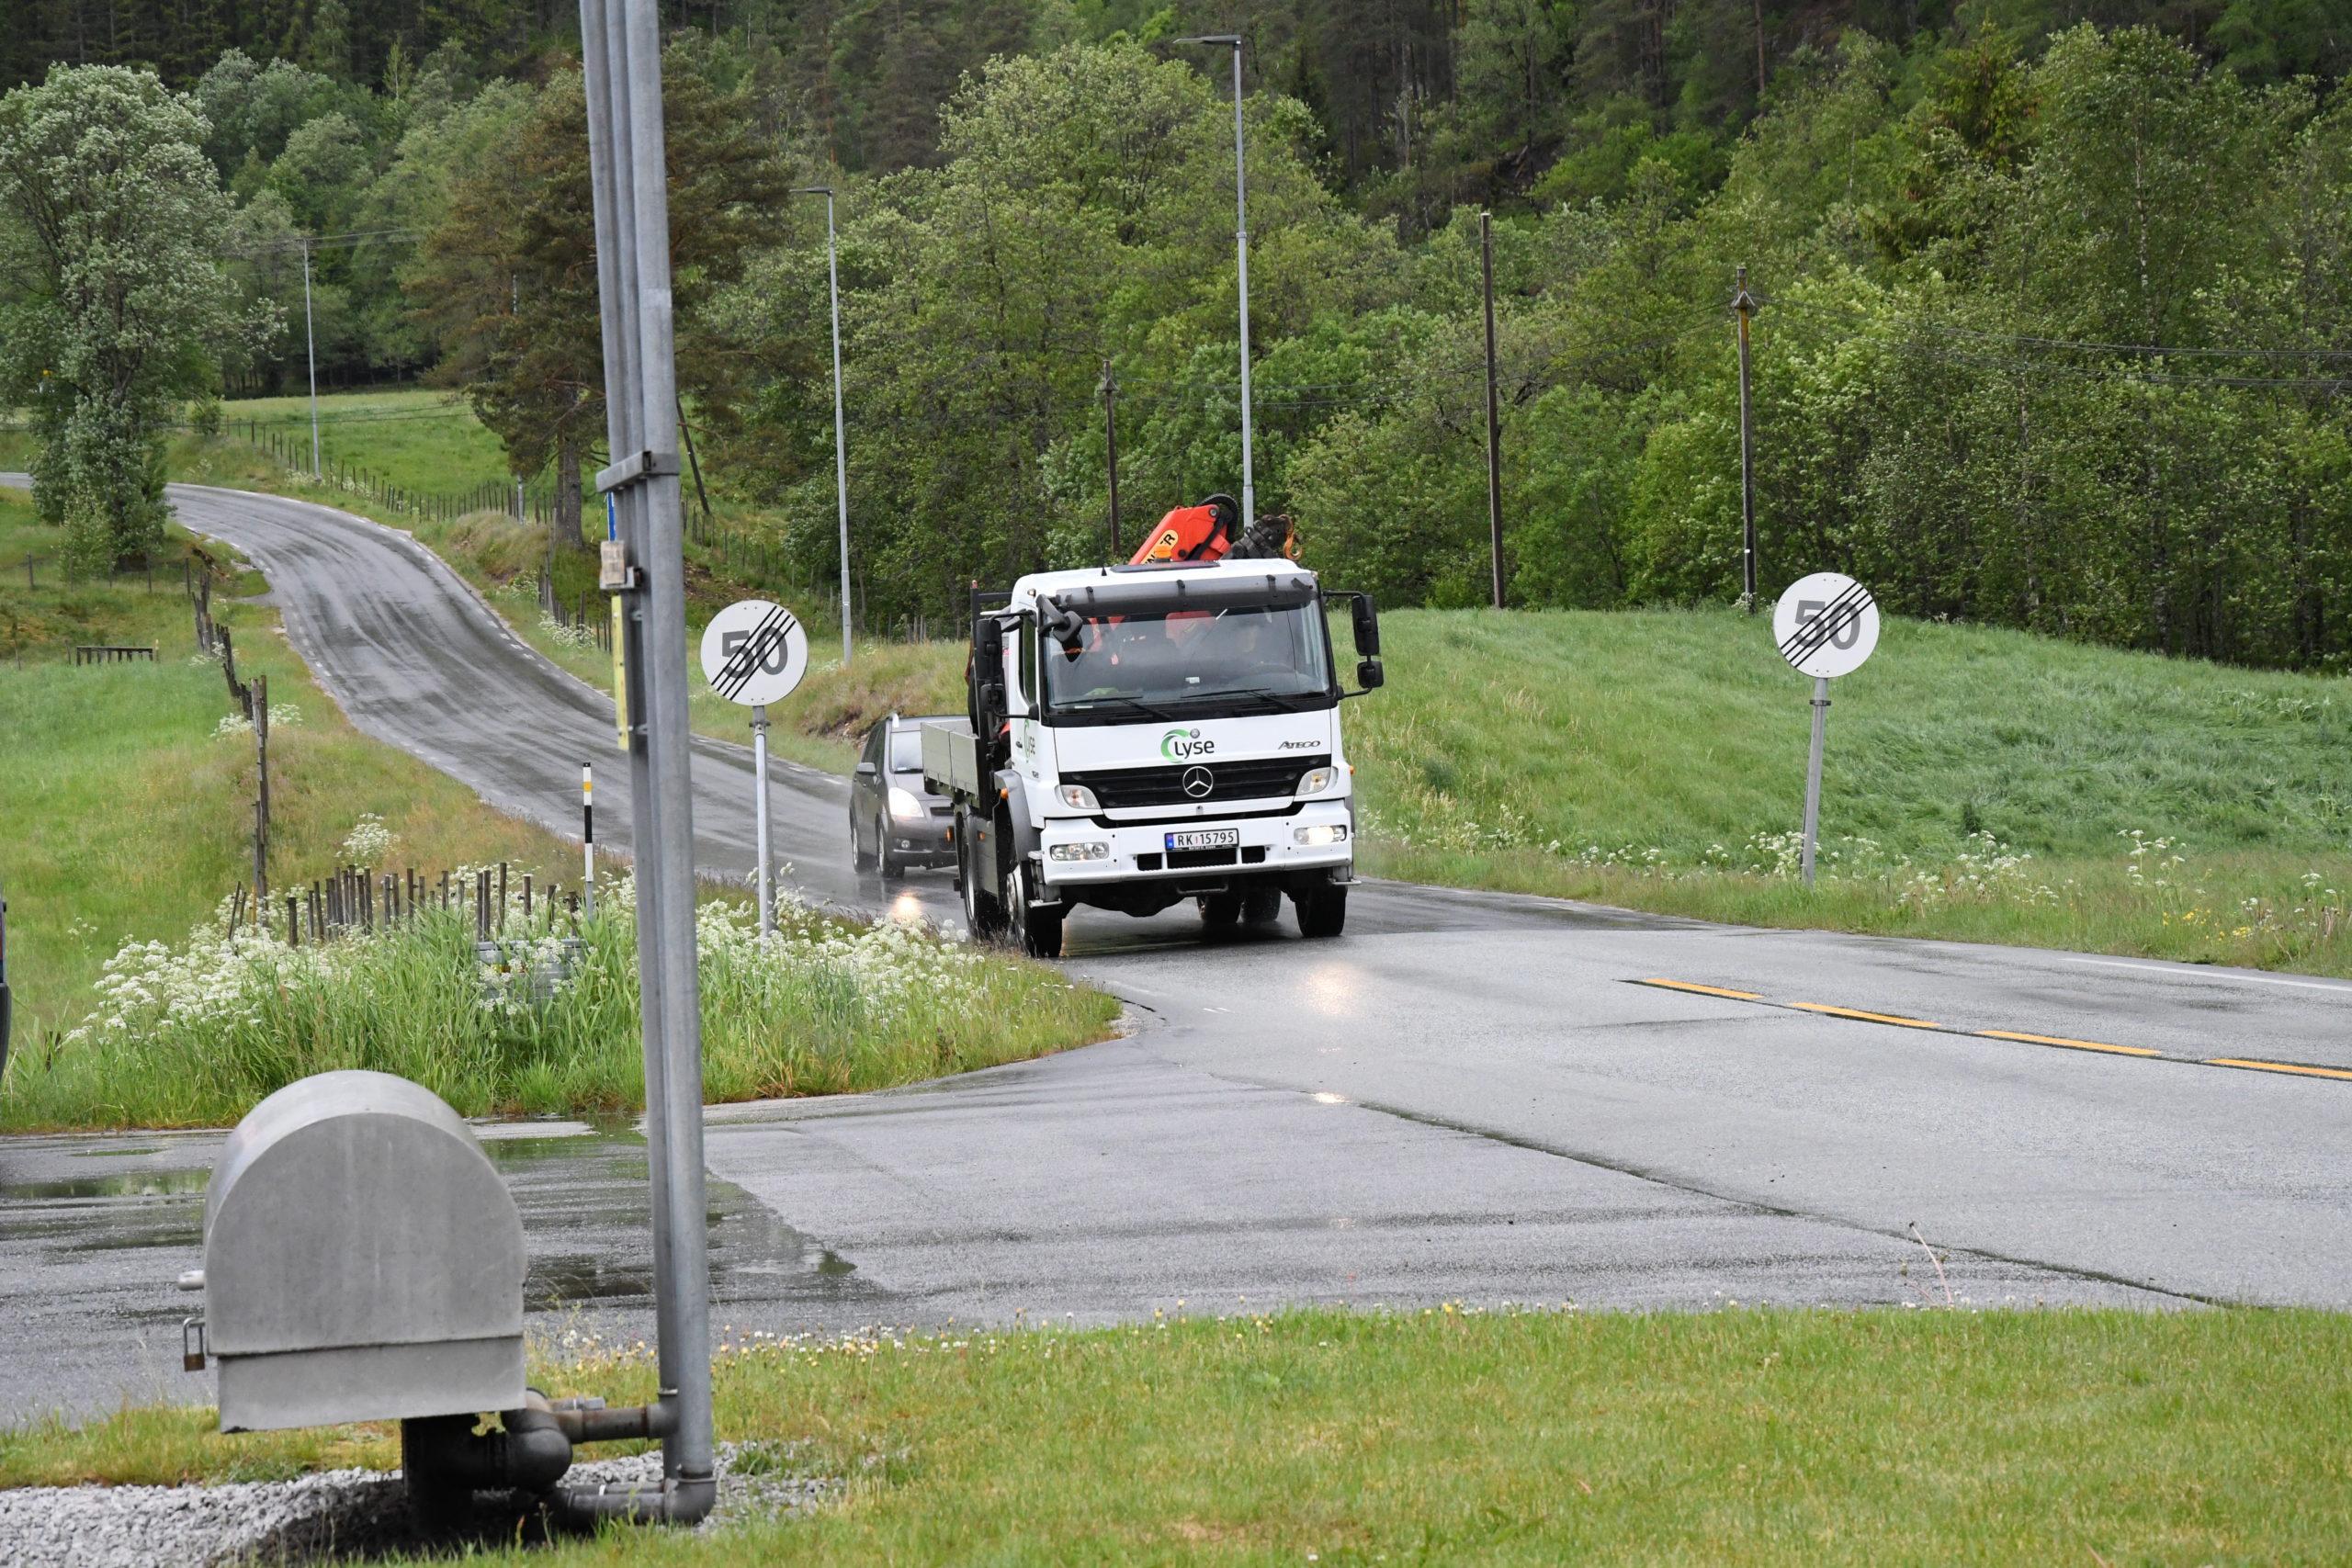 Macintosh HD:Users:Lsir:Leif Sirevåg Dropbox:Leif Sirevåg:Bilder 2020:2020-06-05 08.13.08.jpg